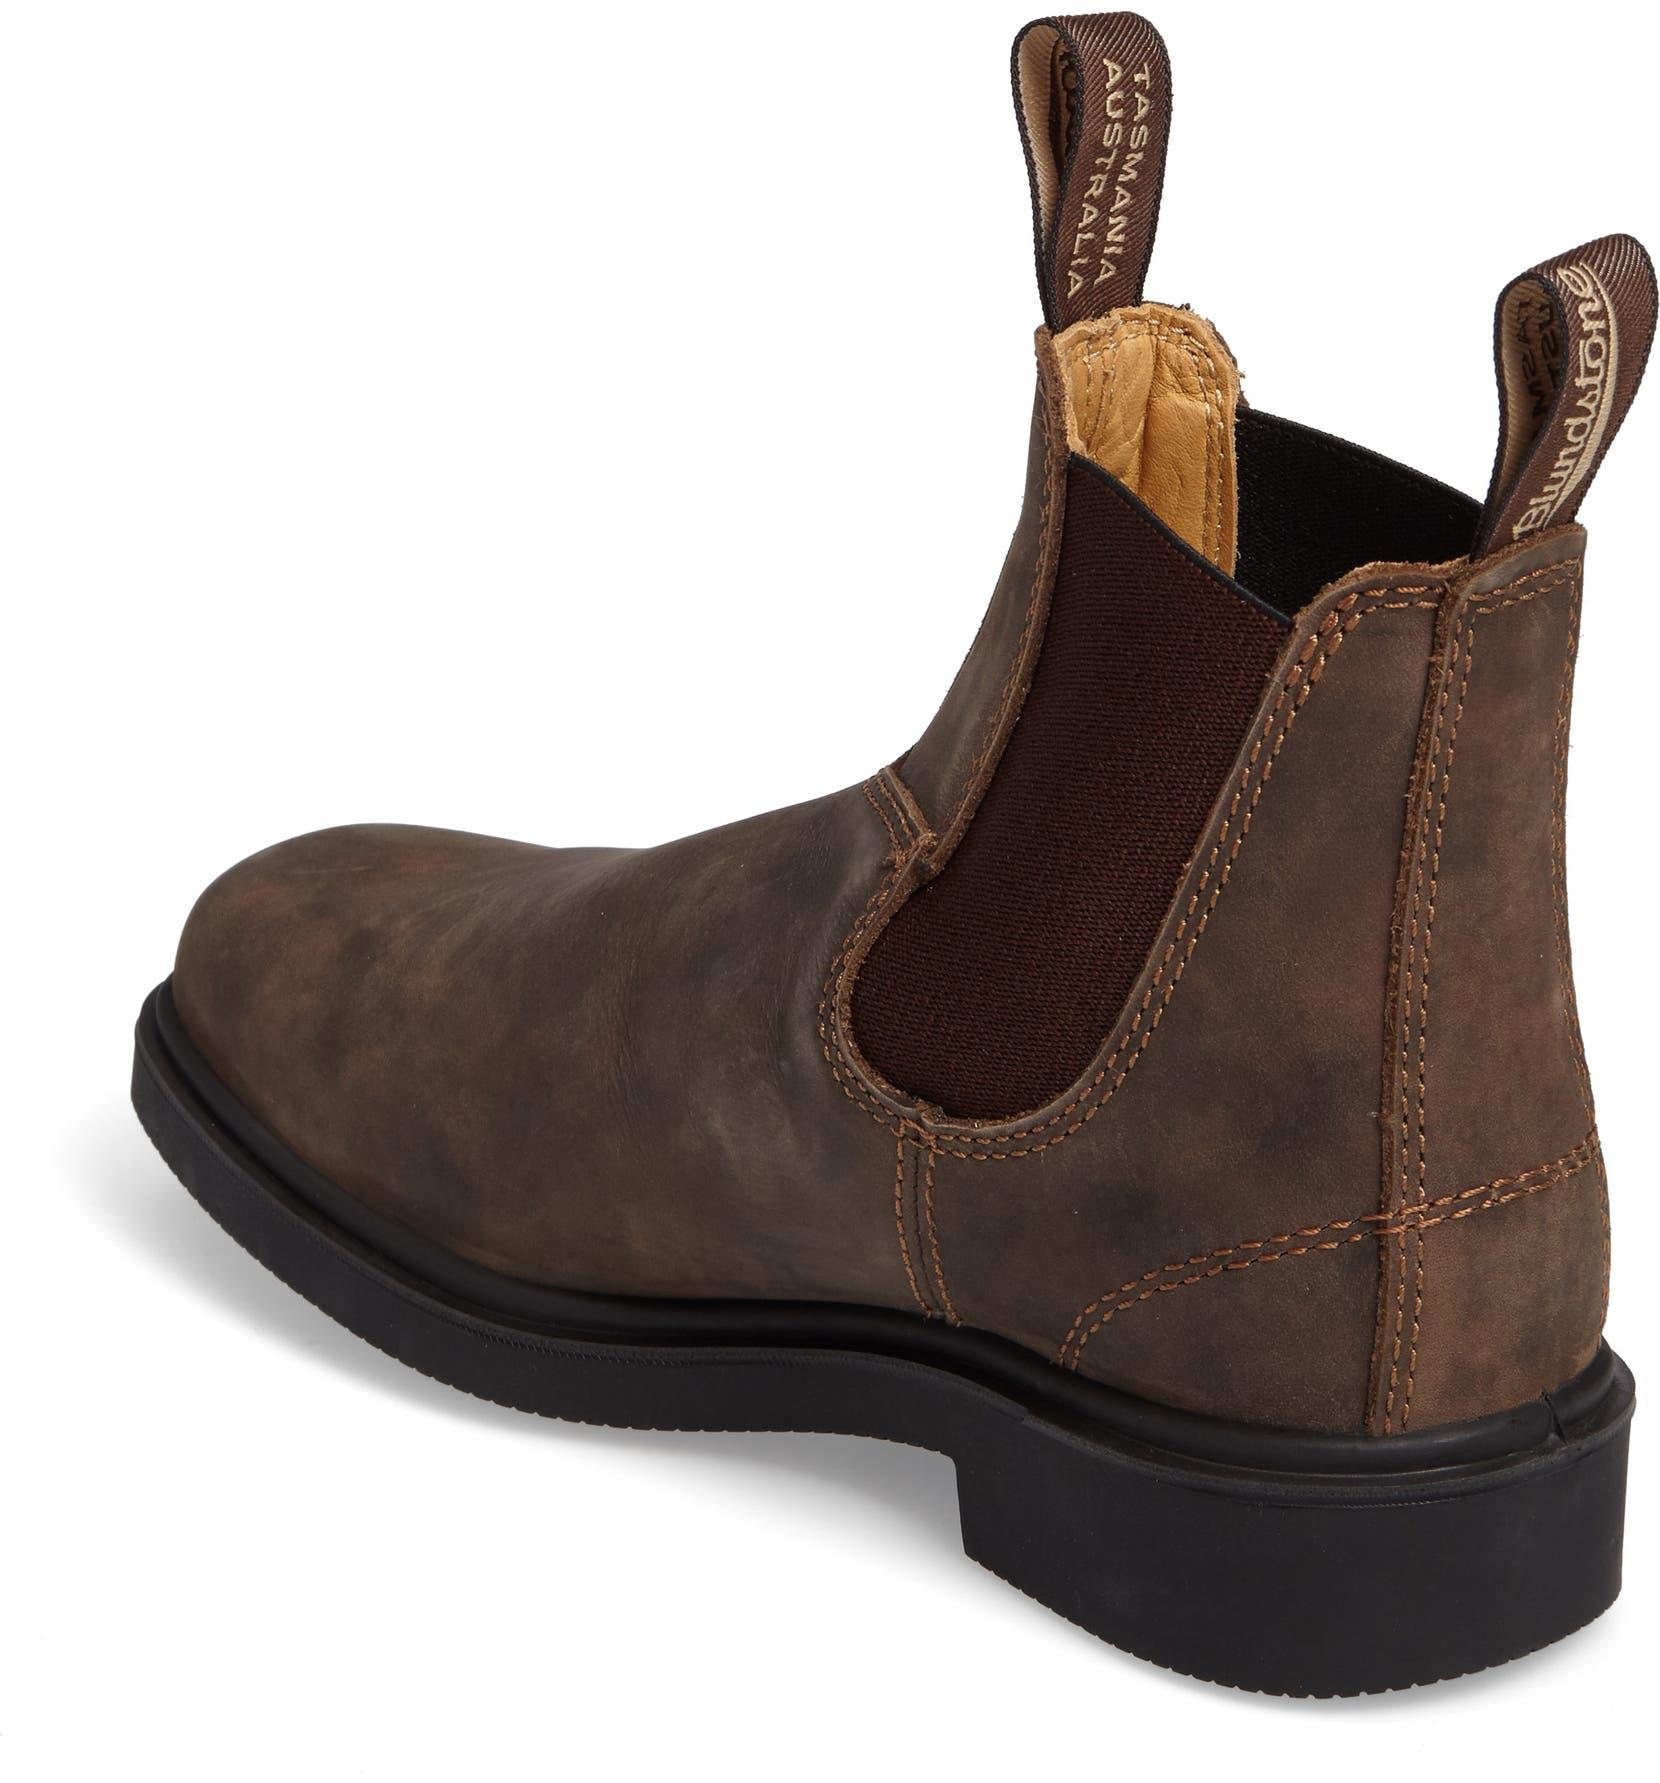 Boots Australia Tasmania - Image Of Boots Imagenea.co a0541c13610ba